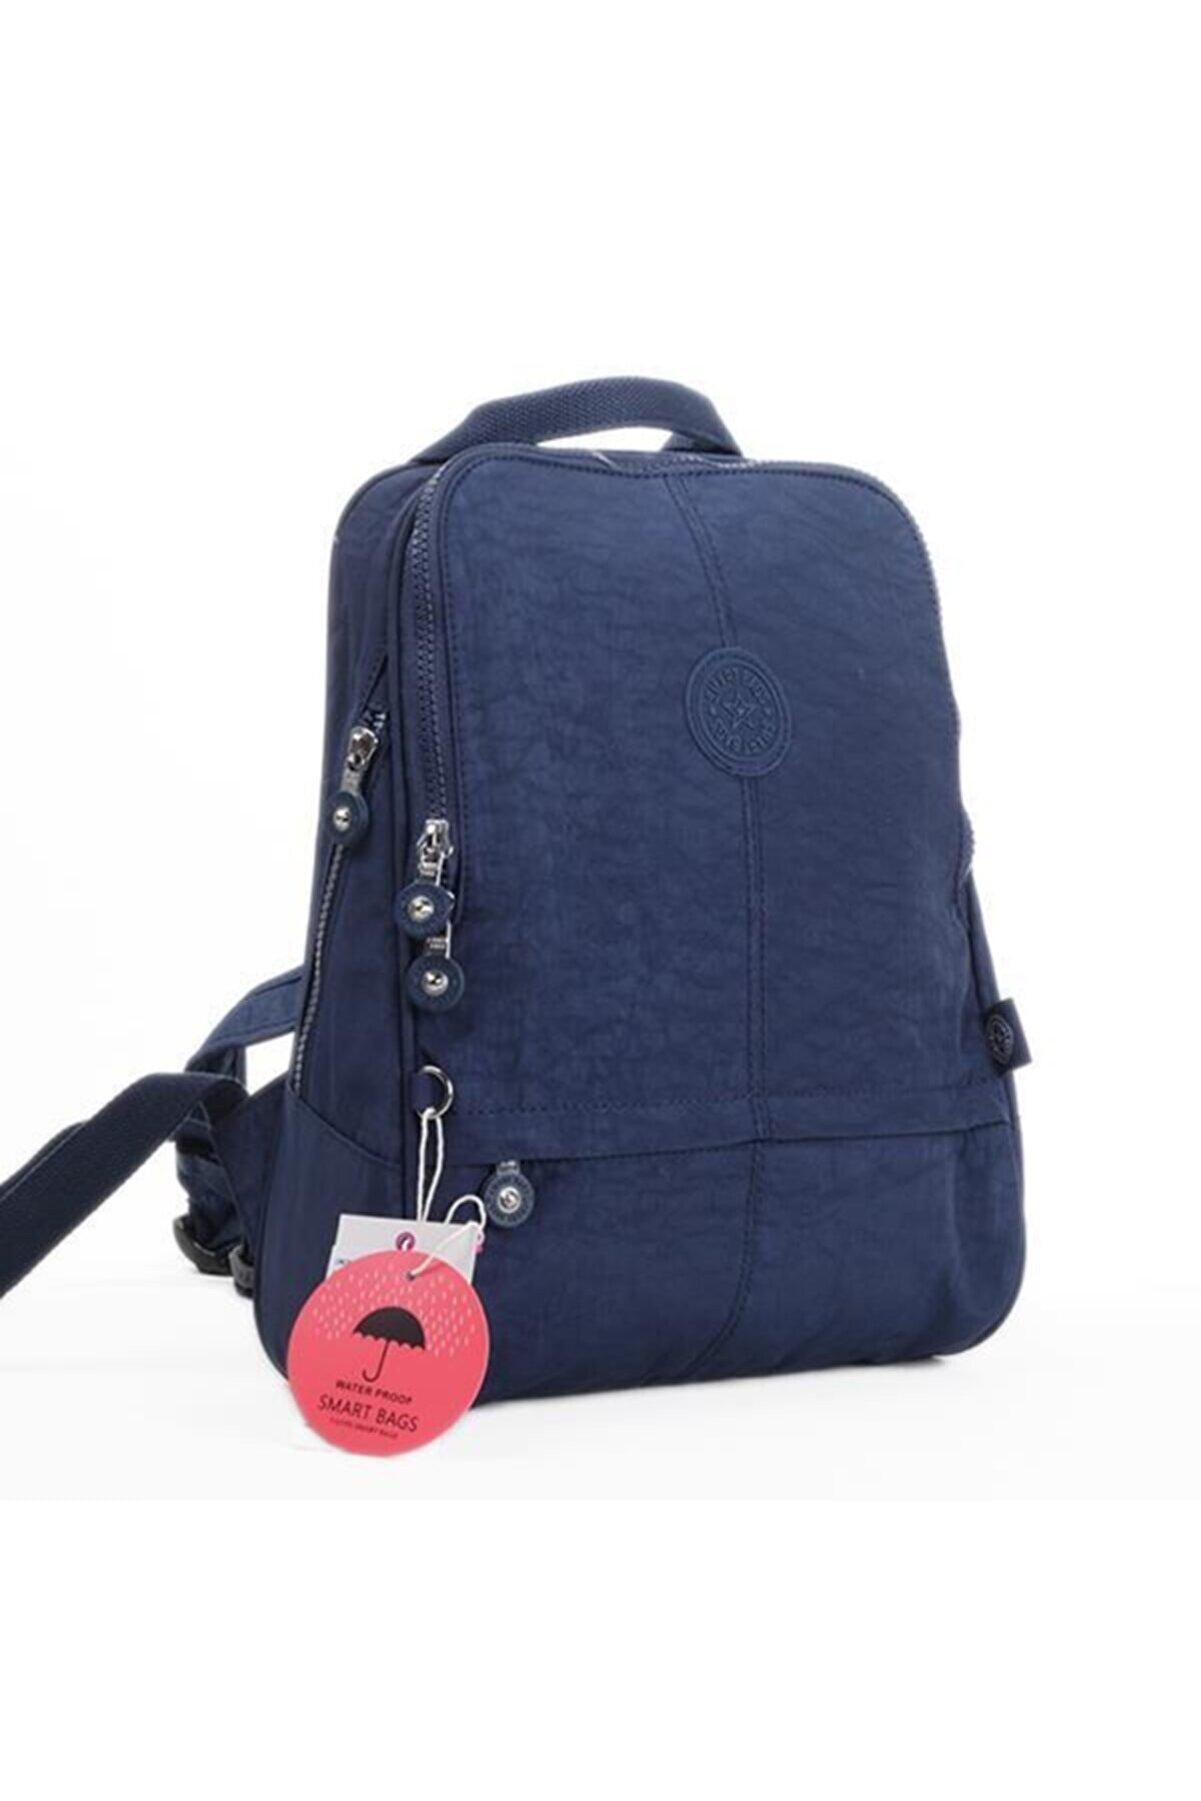 Smart Bags Unisex Lacivert Krinkıl Kumaş Sırt Çantası 33 1117